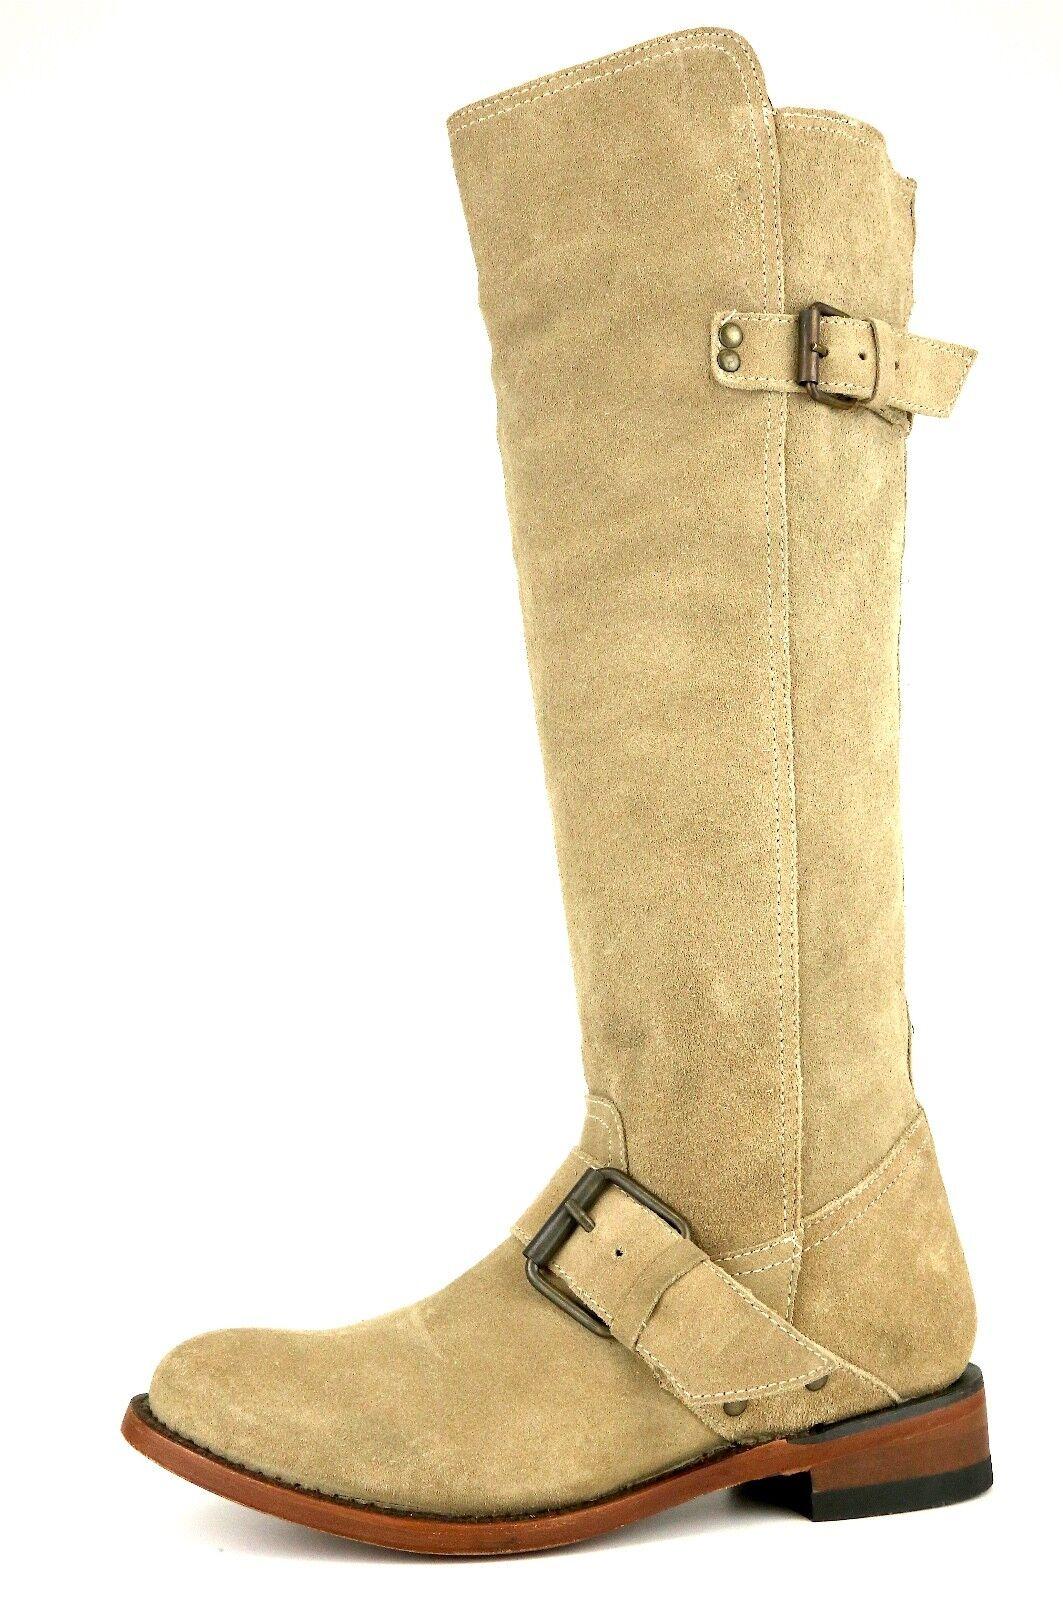 Dolce Vita Over Knee Suede Buckle Boot Beige Women Sz 6.5 5241 *